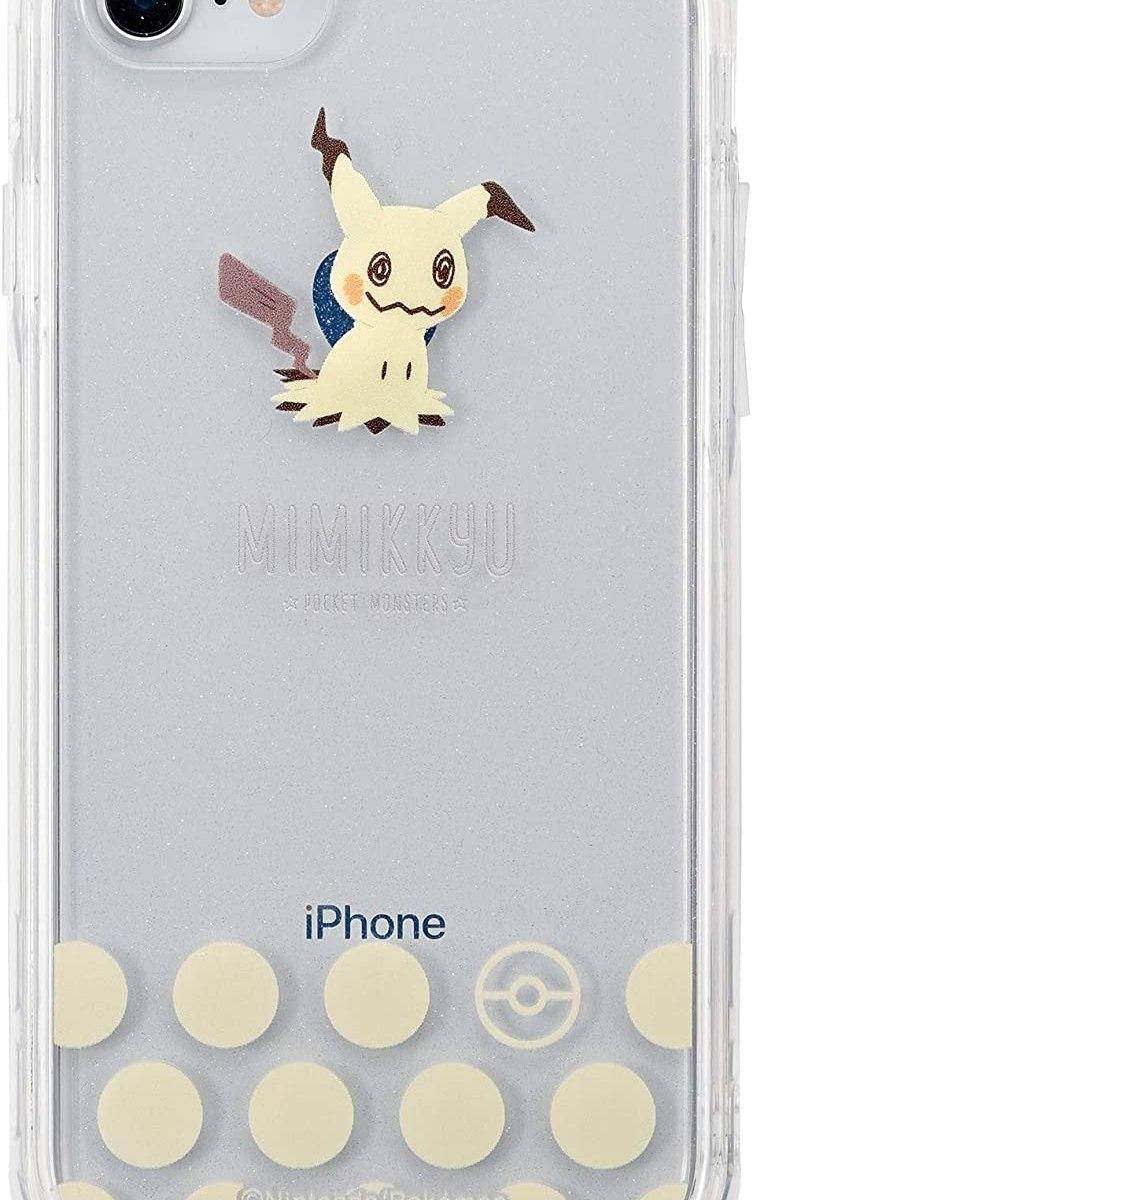 iDress iPhone SE 第2世代 iPhone 8/7/6s/6対応 ポケットモンスター ポケモン IJOY ミミッキュ クリア i33DPM09